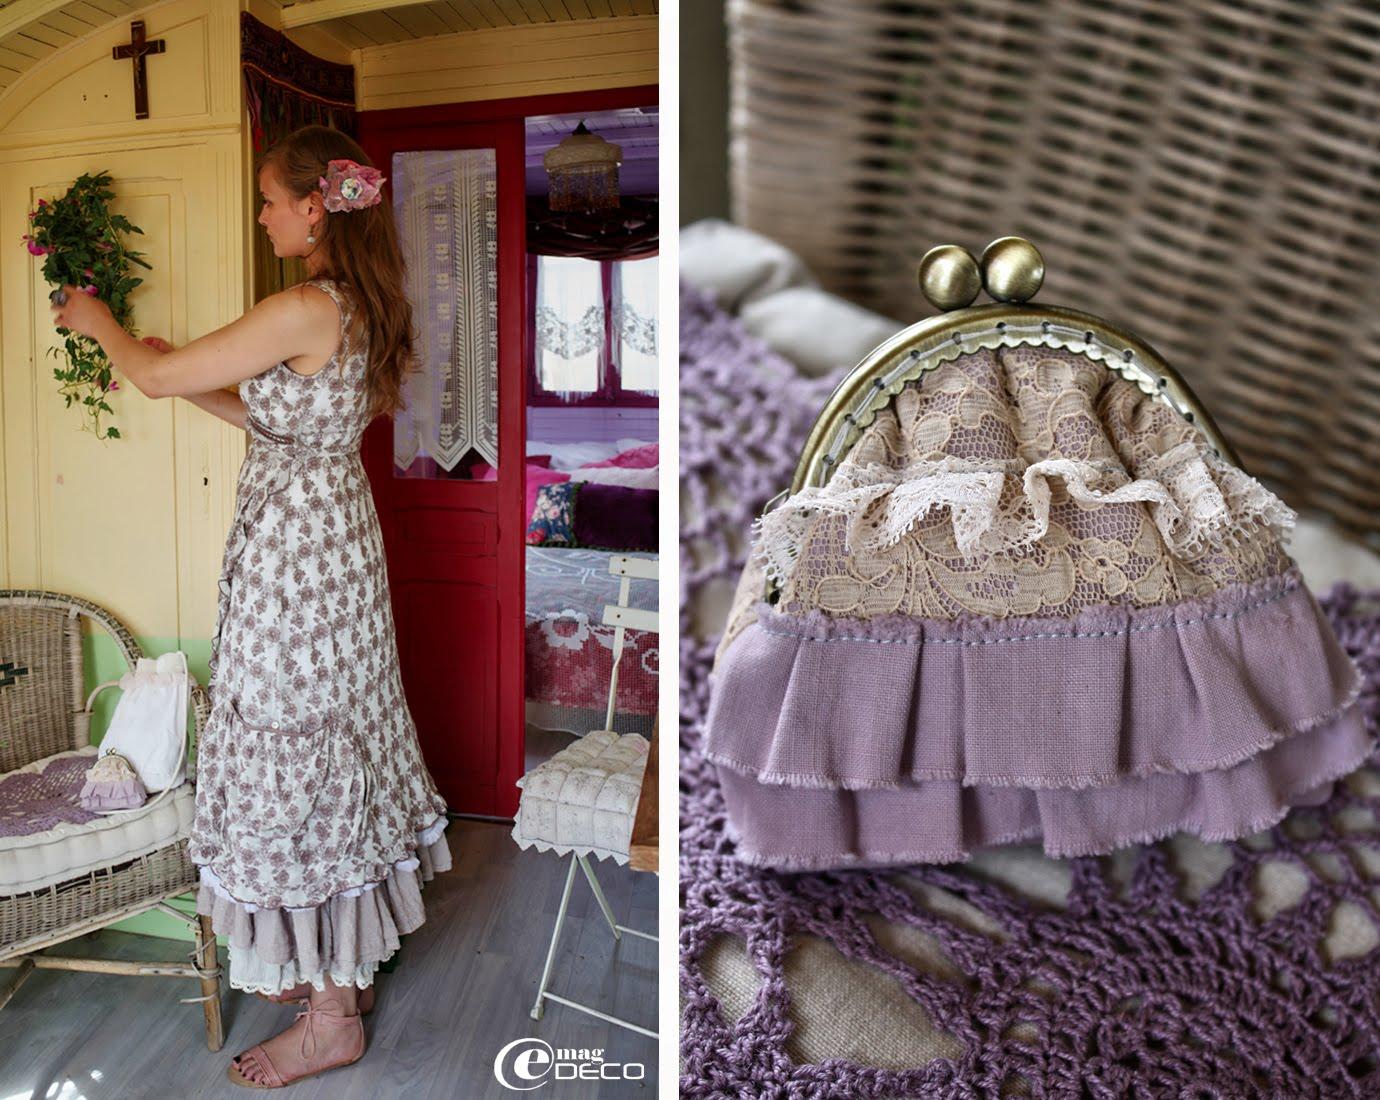 Silhouette romantique, boutique femme Gazoline à Montpellier. Porte-monnaie en tissu et dentelles, création Audelia d'Antan